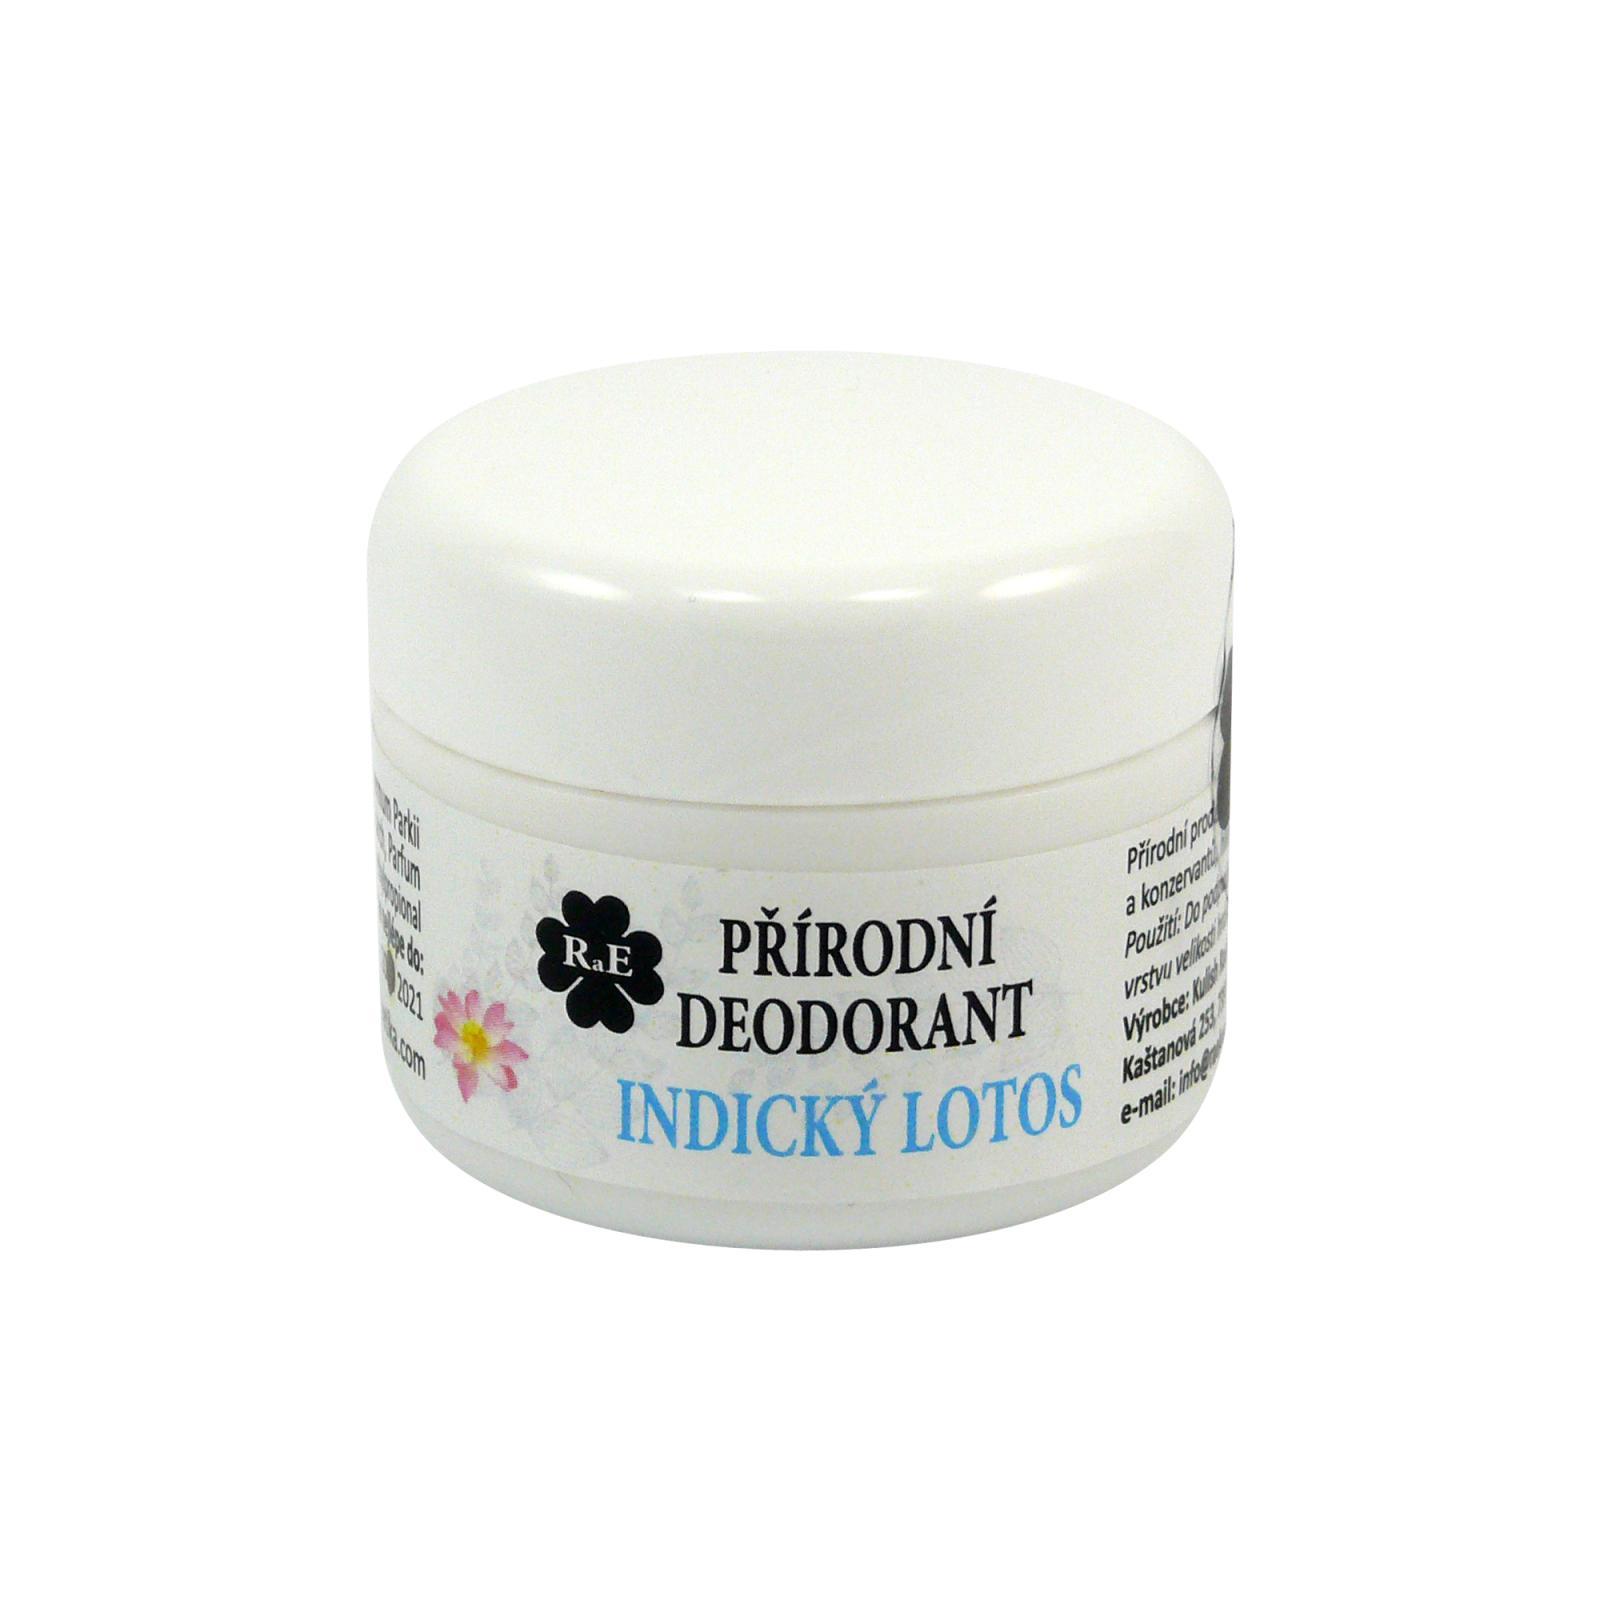 RaE Přírodní krémový deodorant s vůní indického lotosu 15 ml náplň